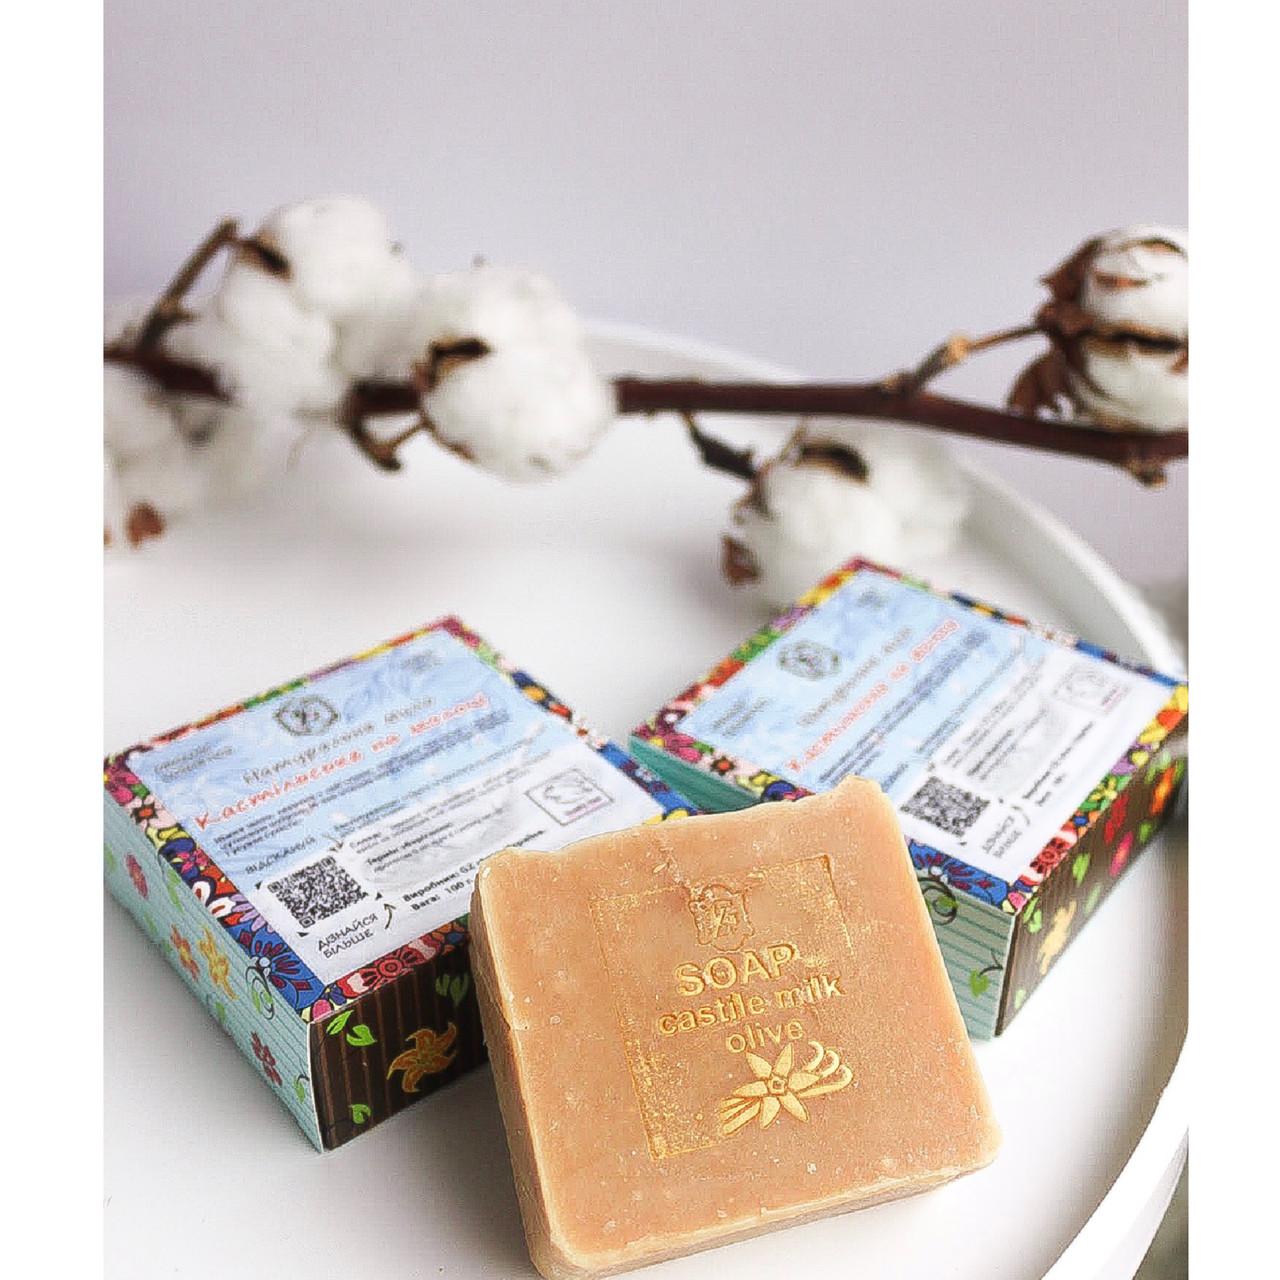 Мыло ручной работы из оливкового масла с козьим молоком Кастильское на молоке брусочек 100 г